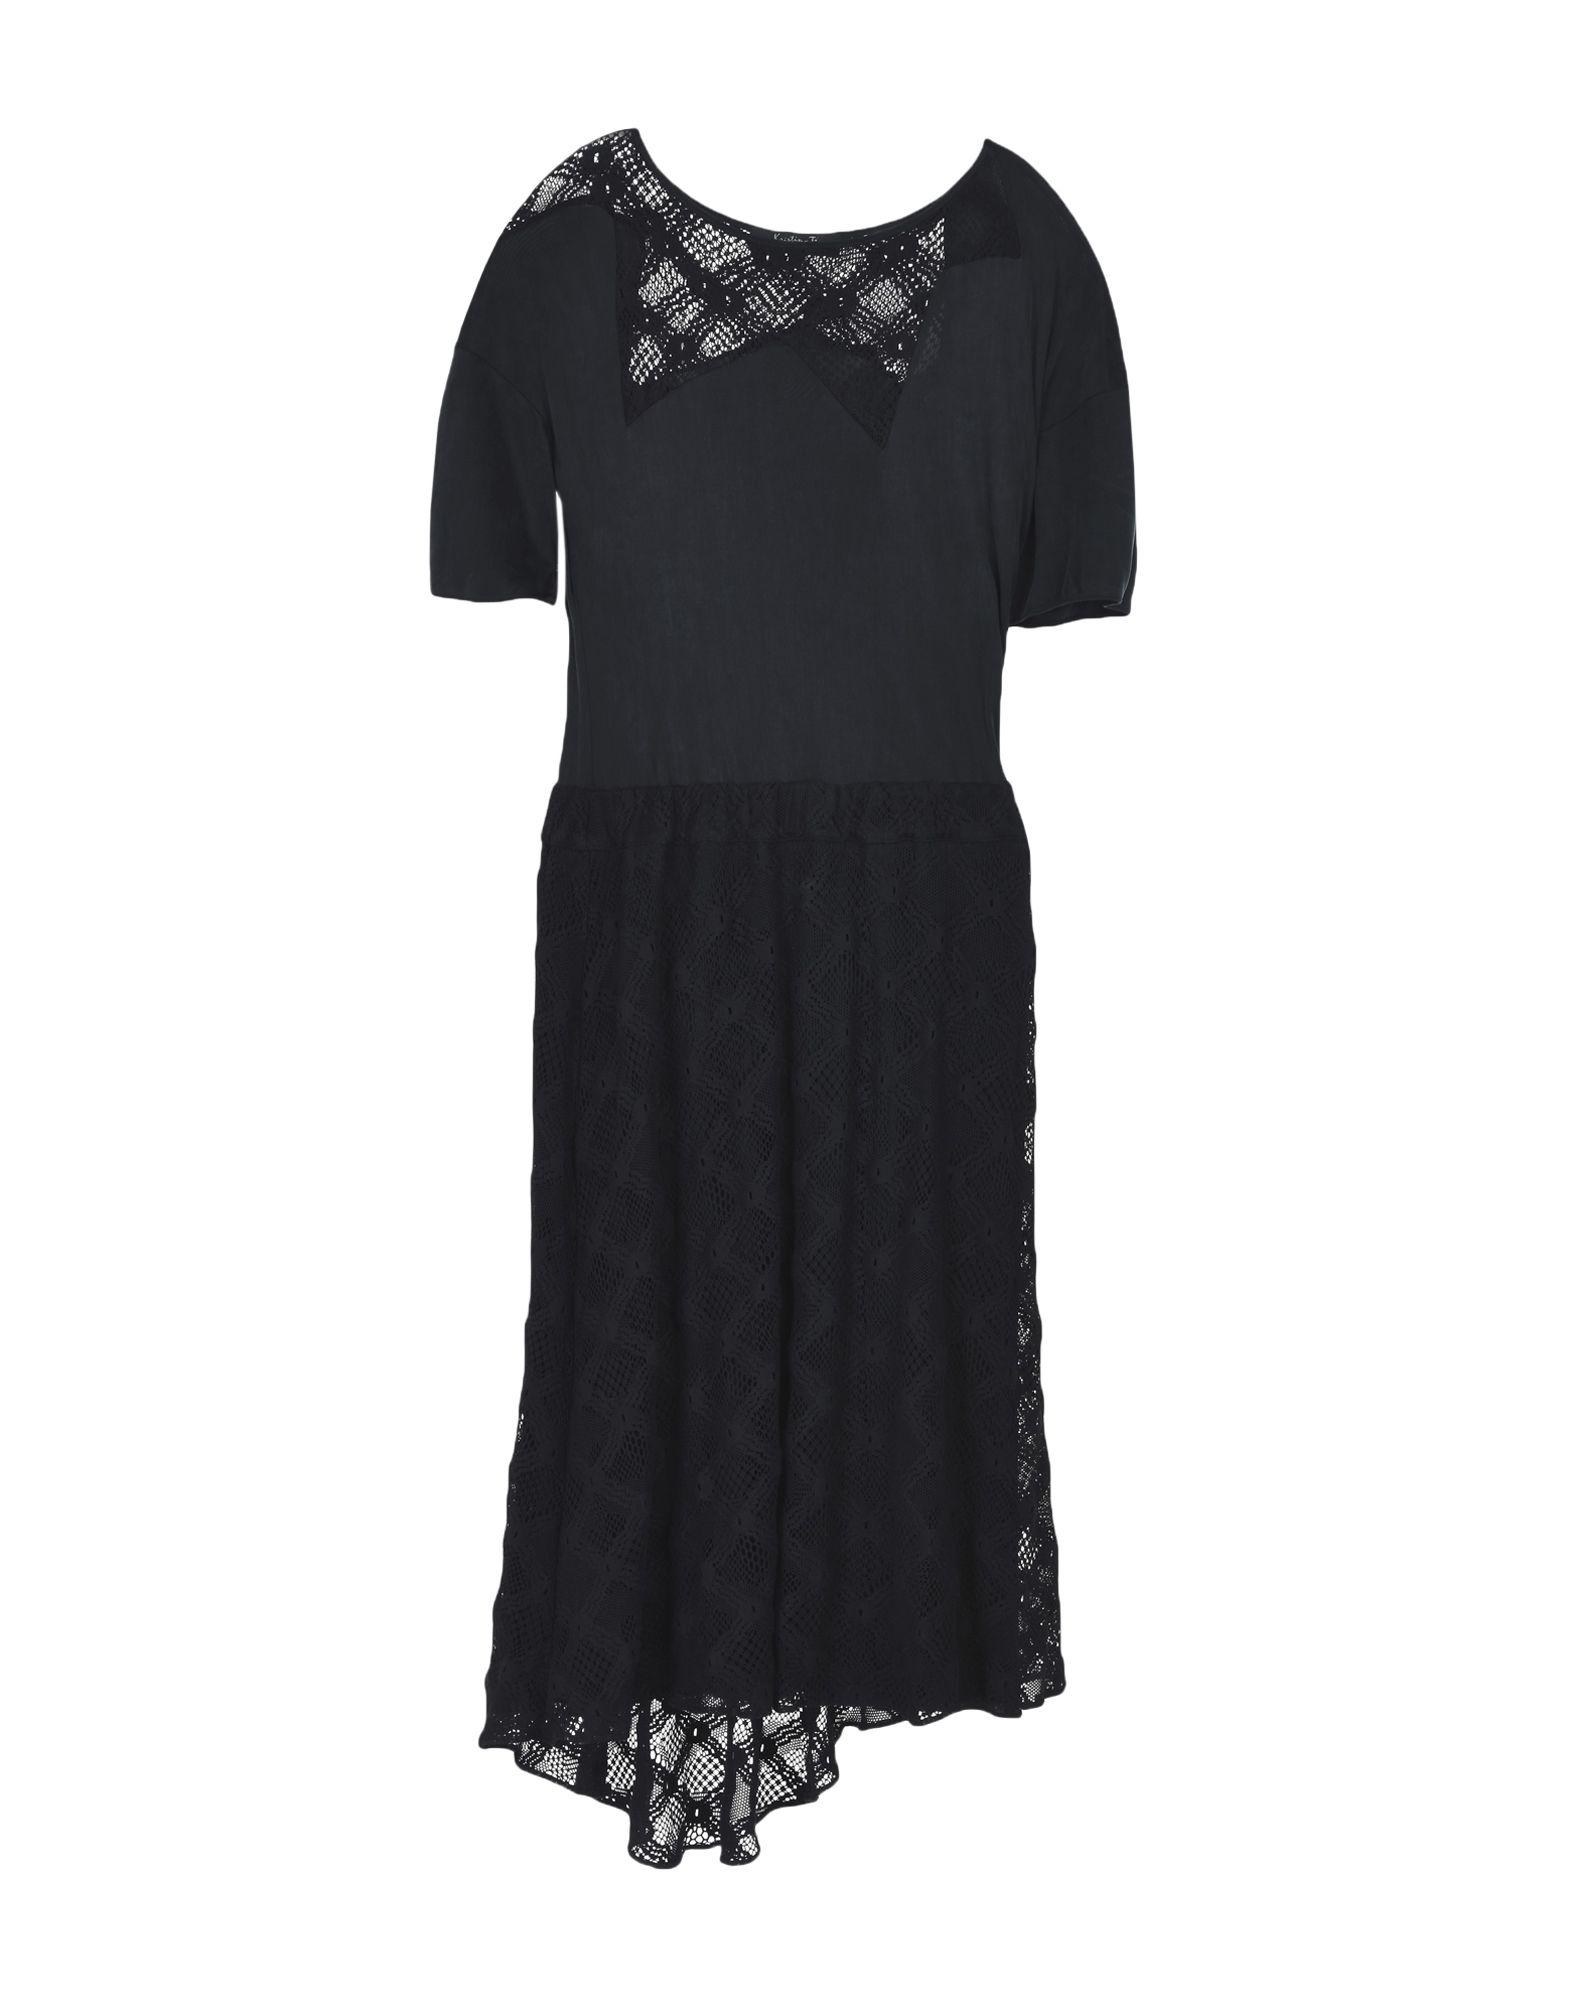 KRISTINA TI Платье длиной 3/4 слингобусы ti amo мама слингобусы сильвия